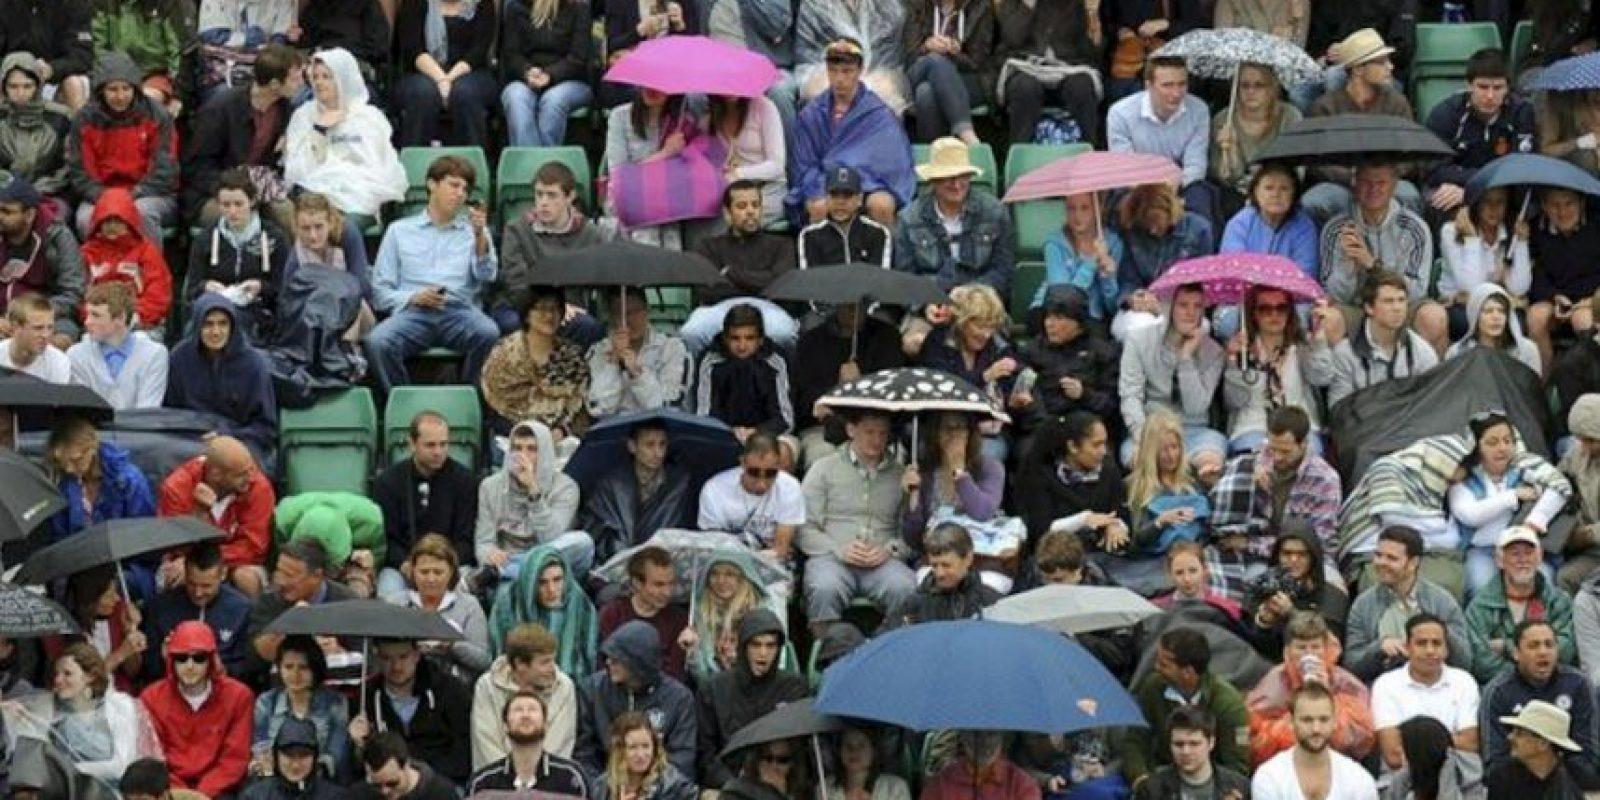 Varios aficionados desafían a la lluvia y permanecen en las gradas durante la tercera ronda del torneo de tenis de Wimbledon en el All England Lawn Tennis Club de Londres (Reino Unido). EFE